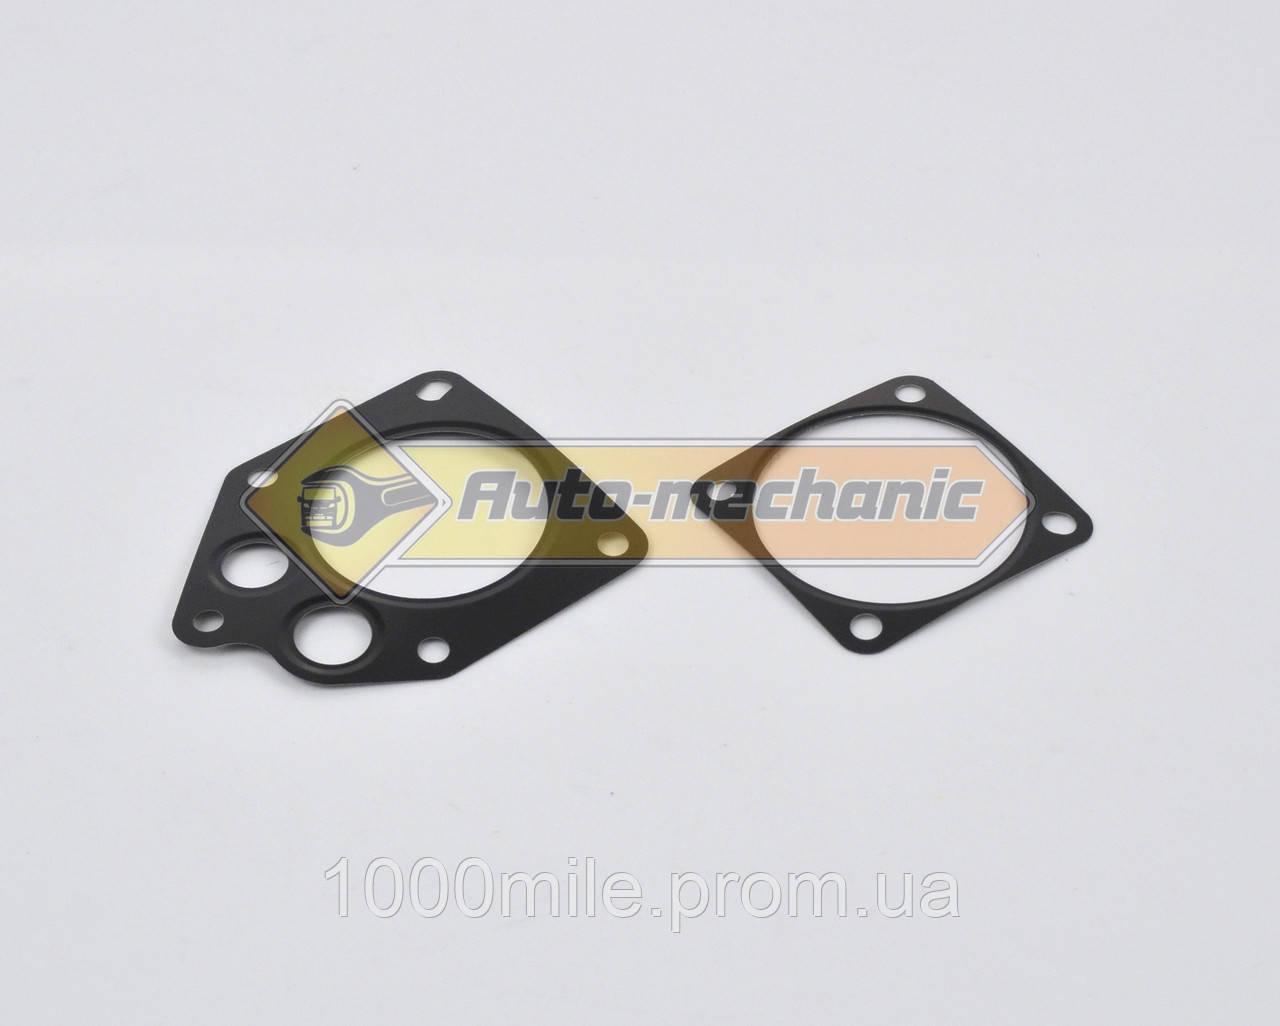 Комплект прокладок системы EGR на Renault Kangoo II 2008->  1.5dCi — Renault (Оригинал) - 7701478725